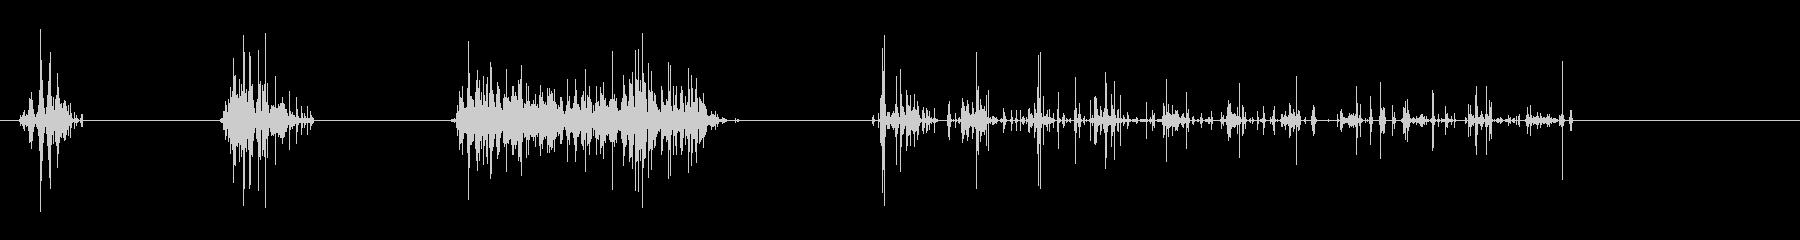 ショートシェーカートイシェイクの未再生の波形